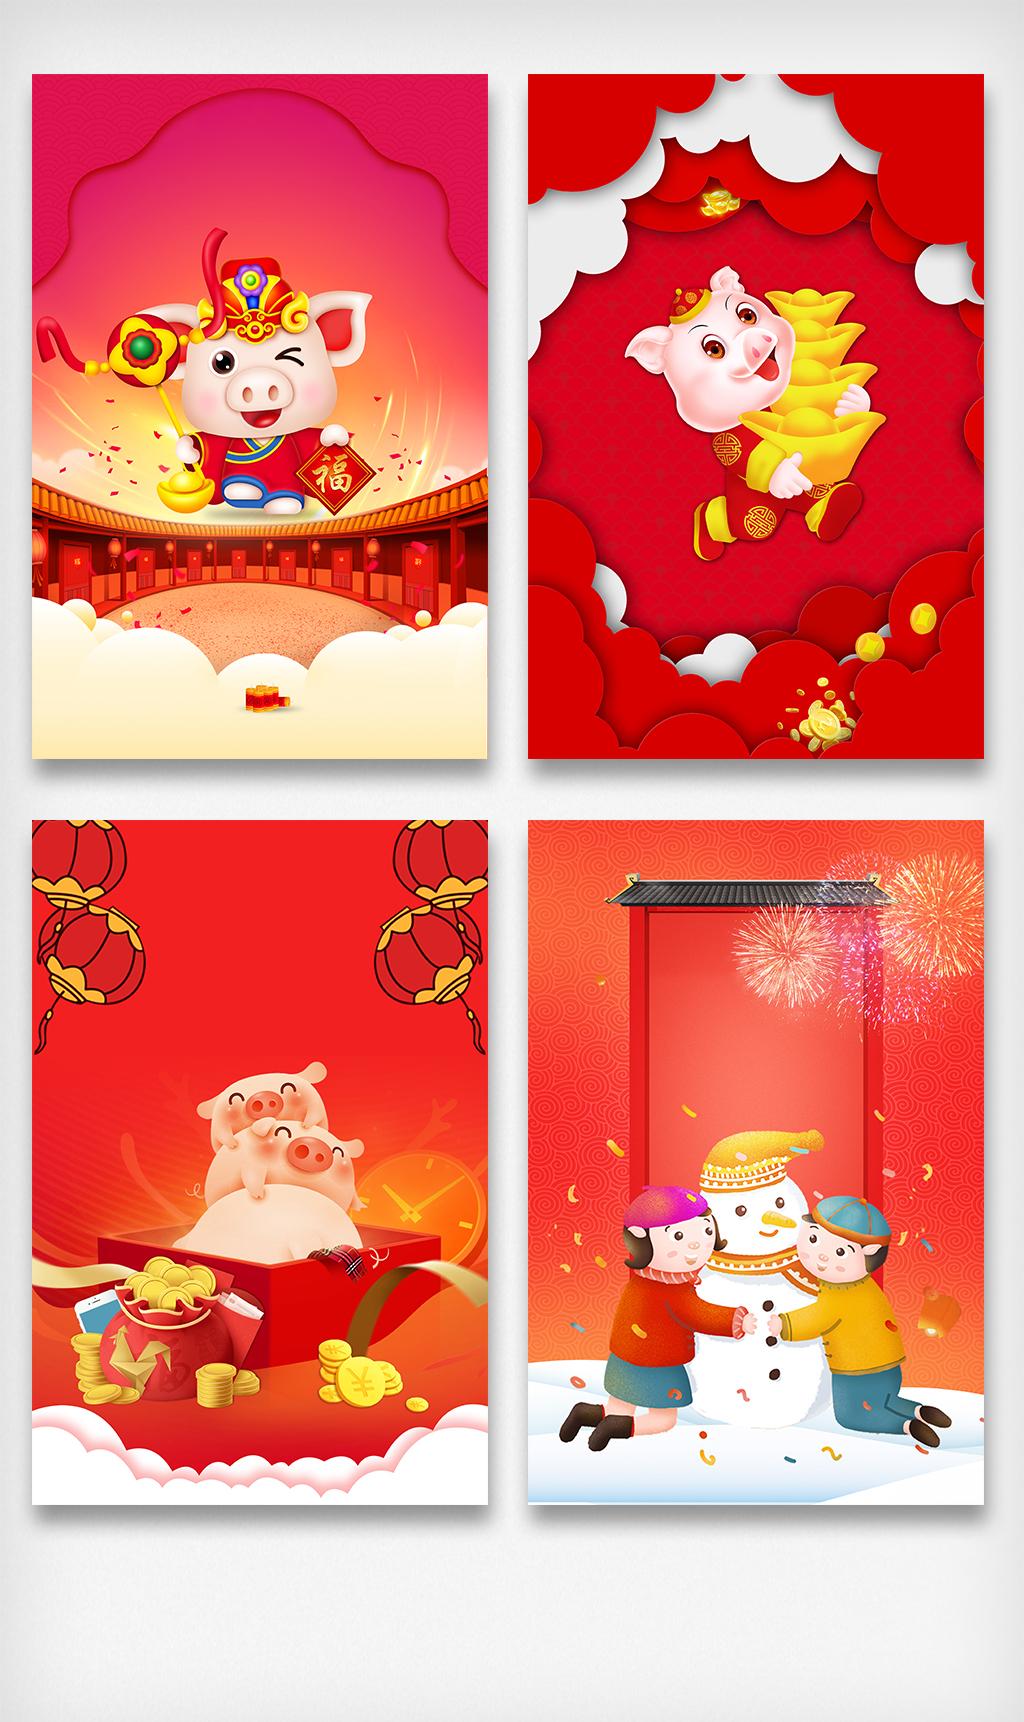 原创设计2019恭喜发财猪年吉祥海报背景